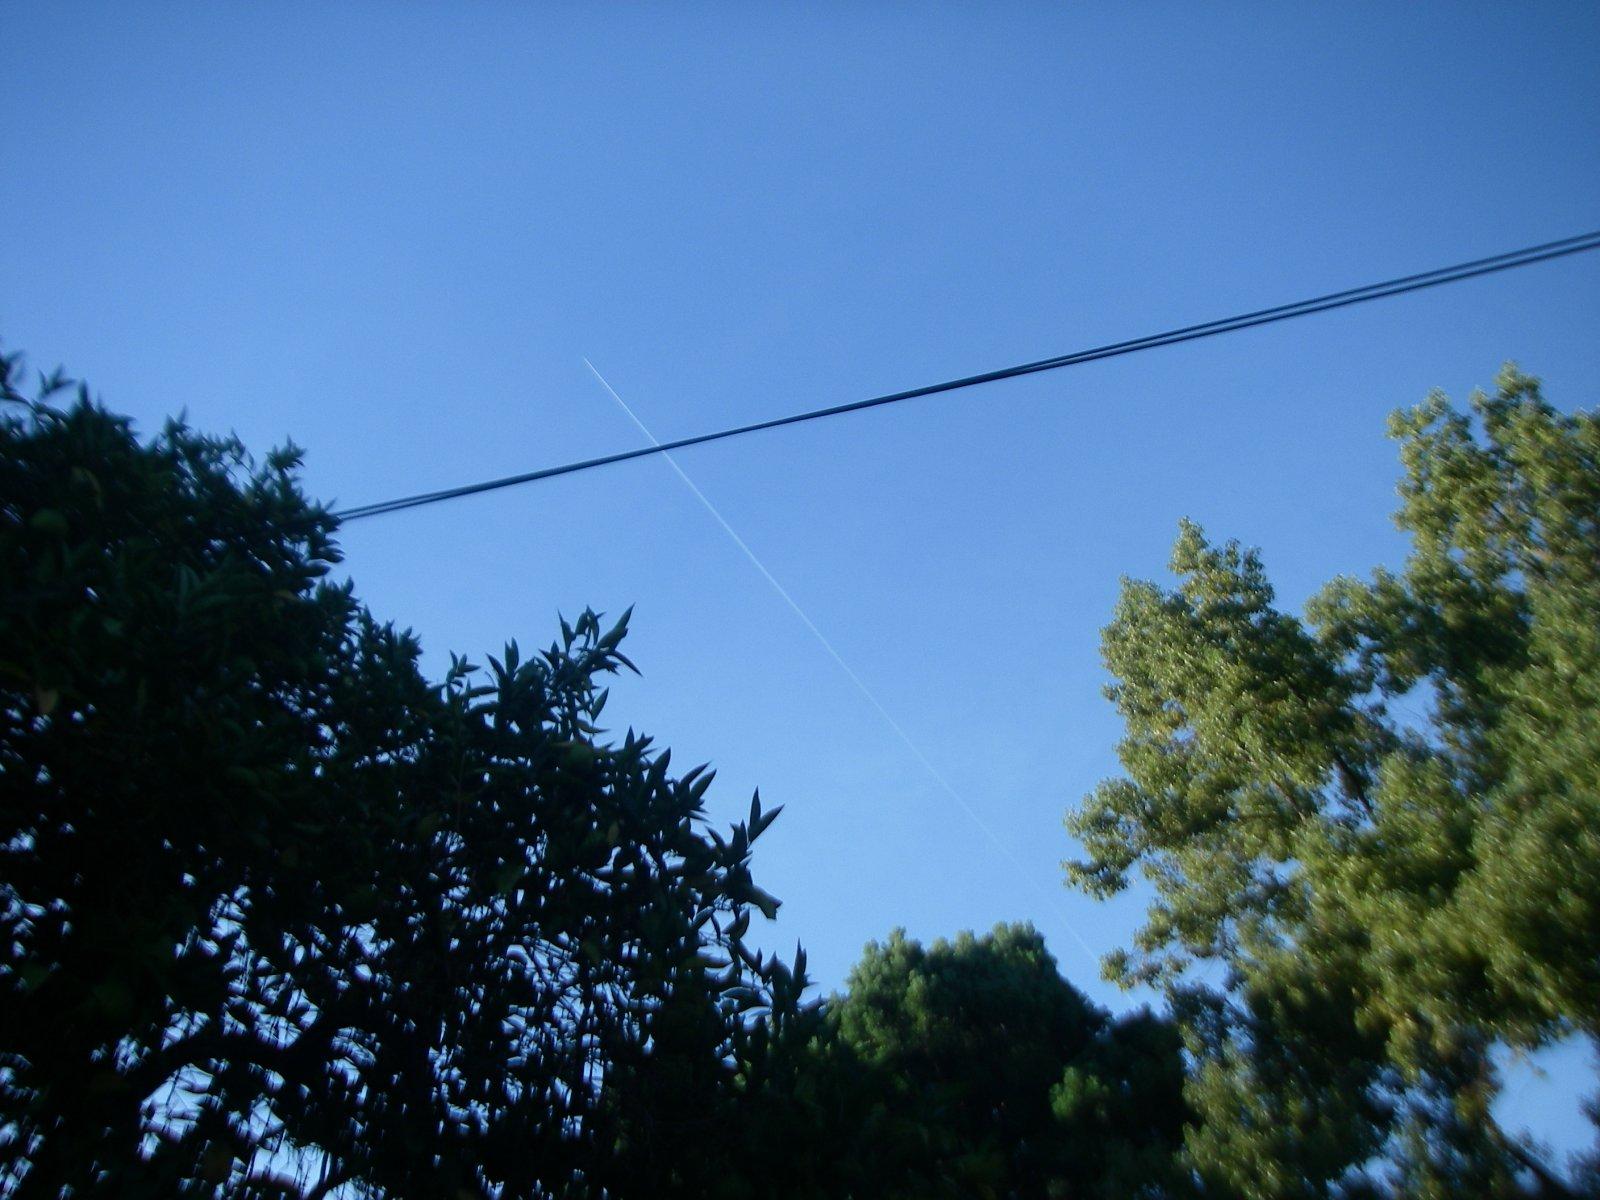 16-10-07 trail-1 0840 heading NNW over home.JPG